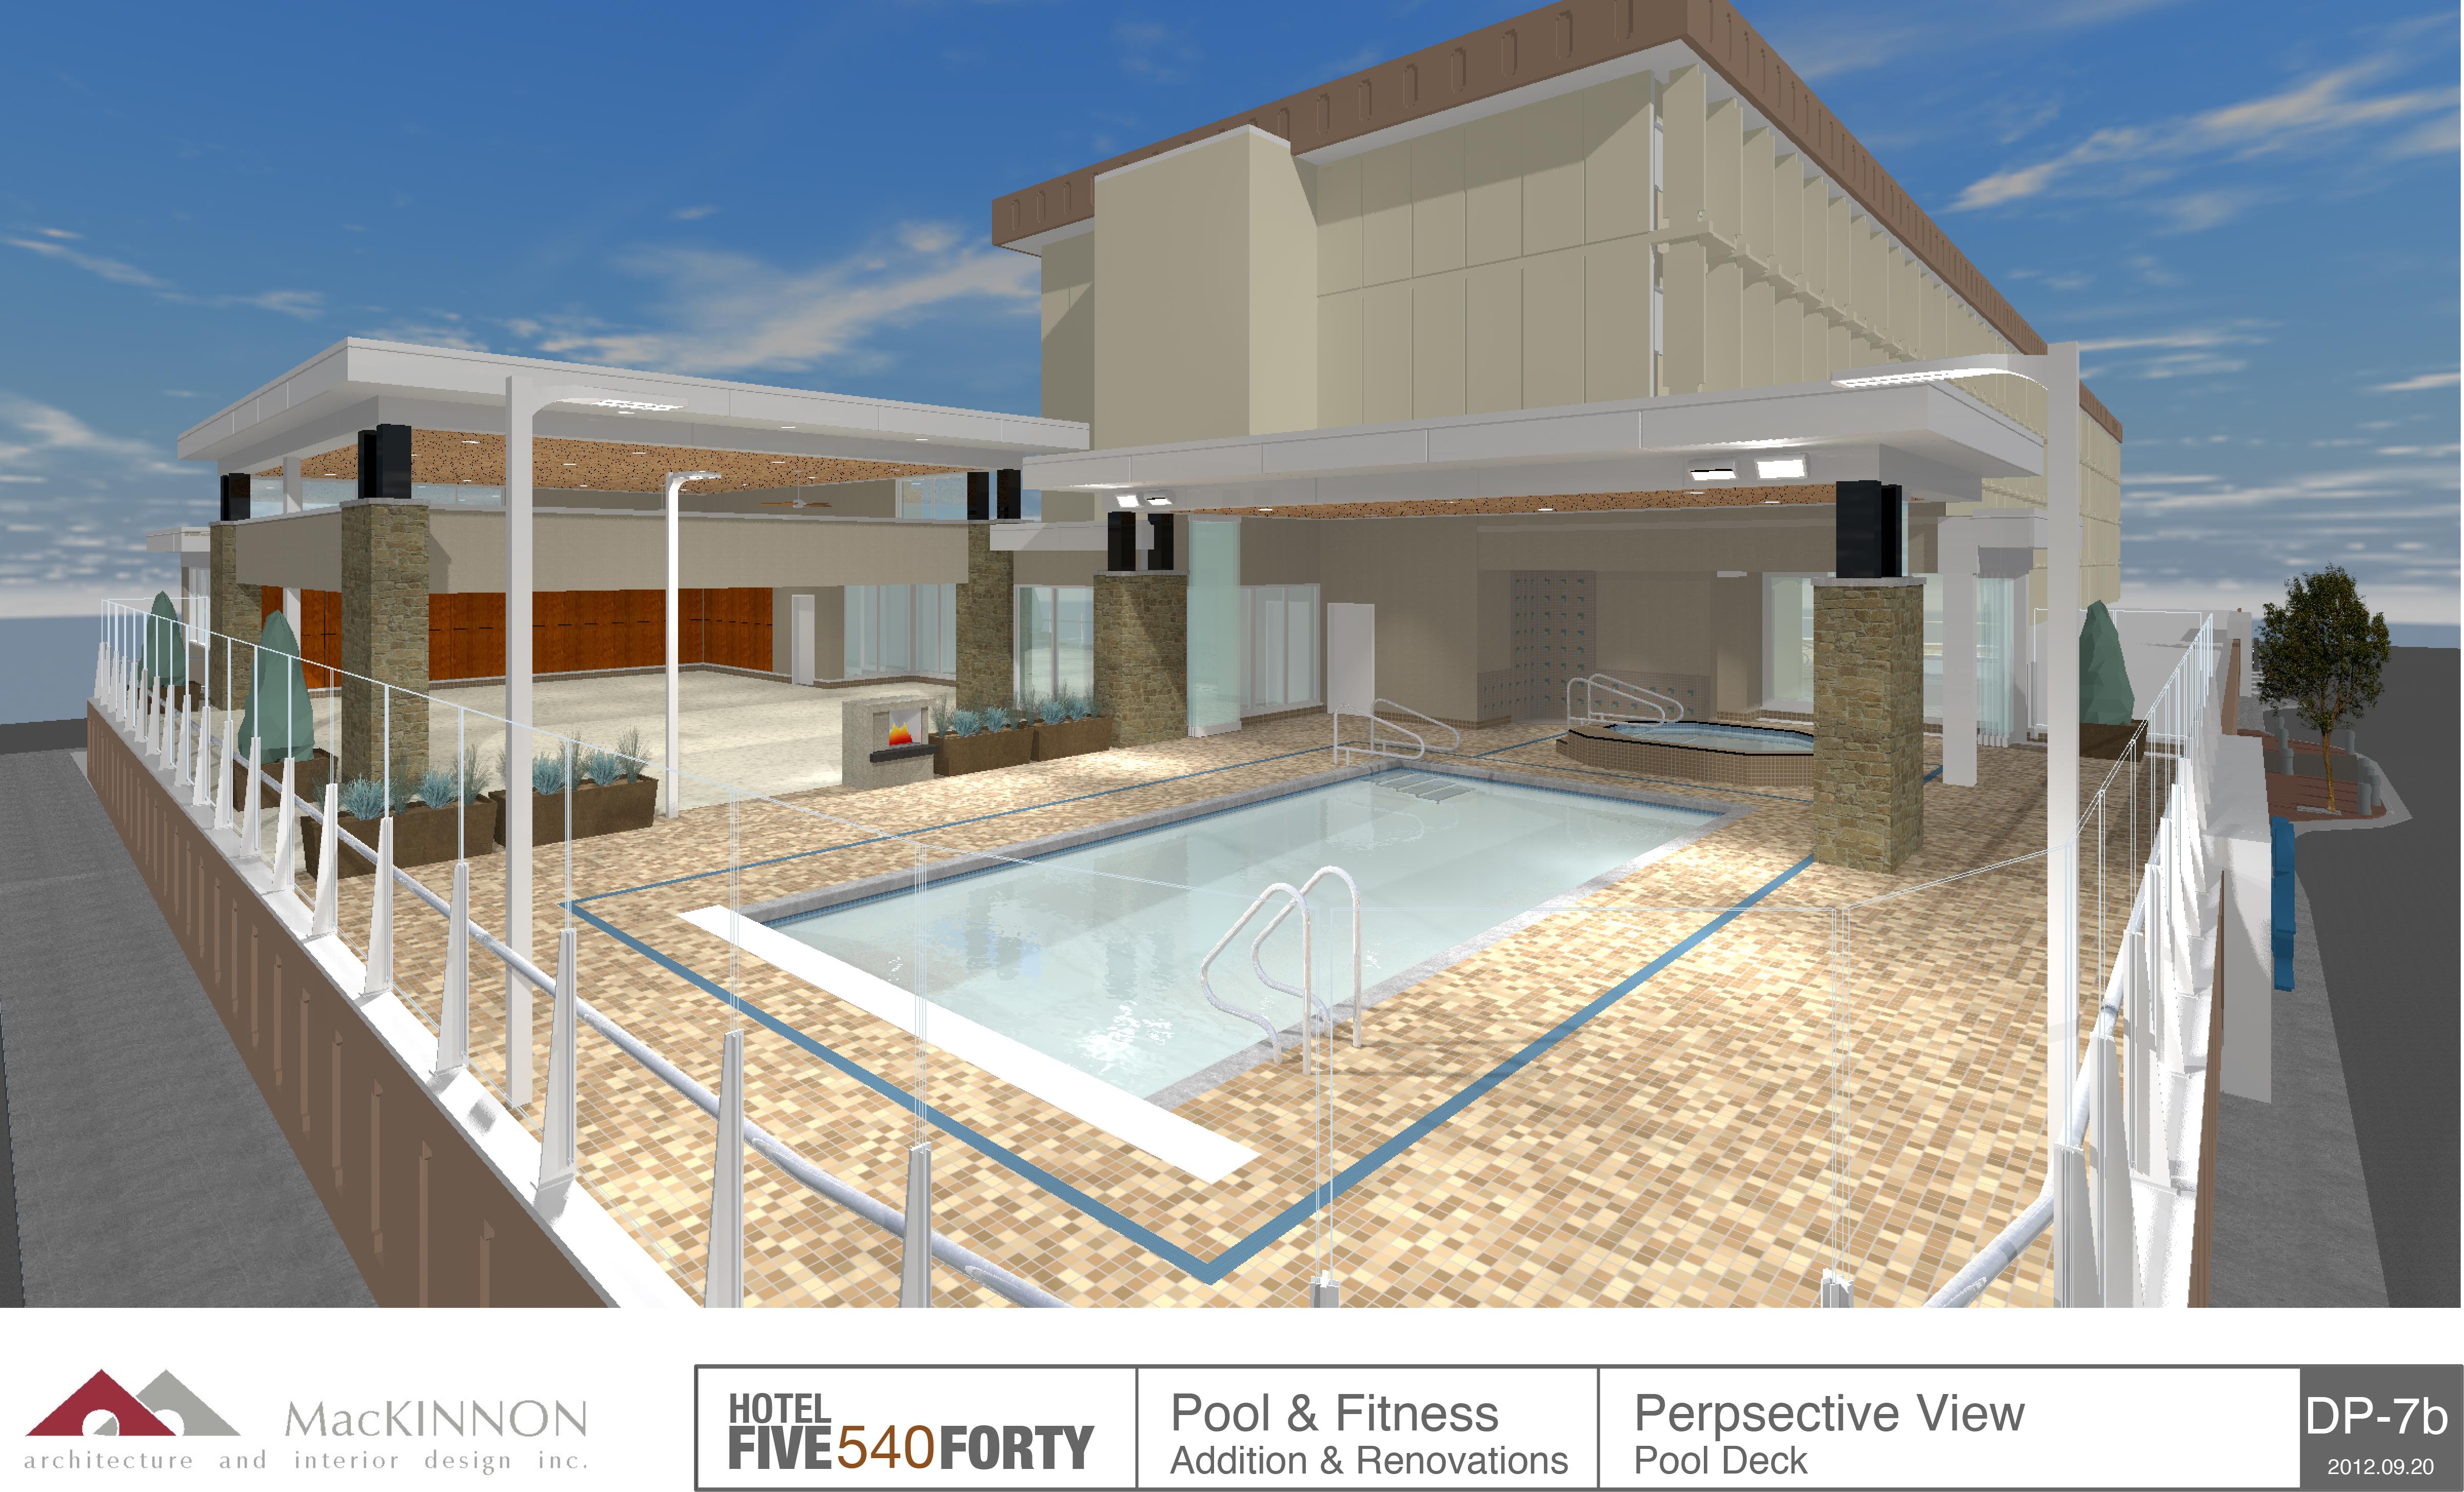 https://0901.nccdn.net/4_2/000/000/071/260/h540-dp-7b--perspective-pool-deck--2012.09.20-1-.jpg